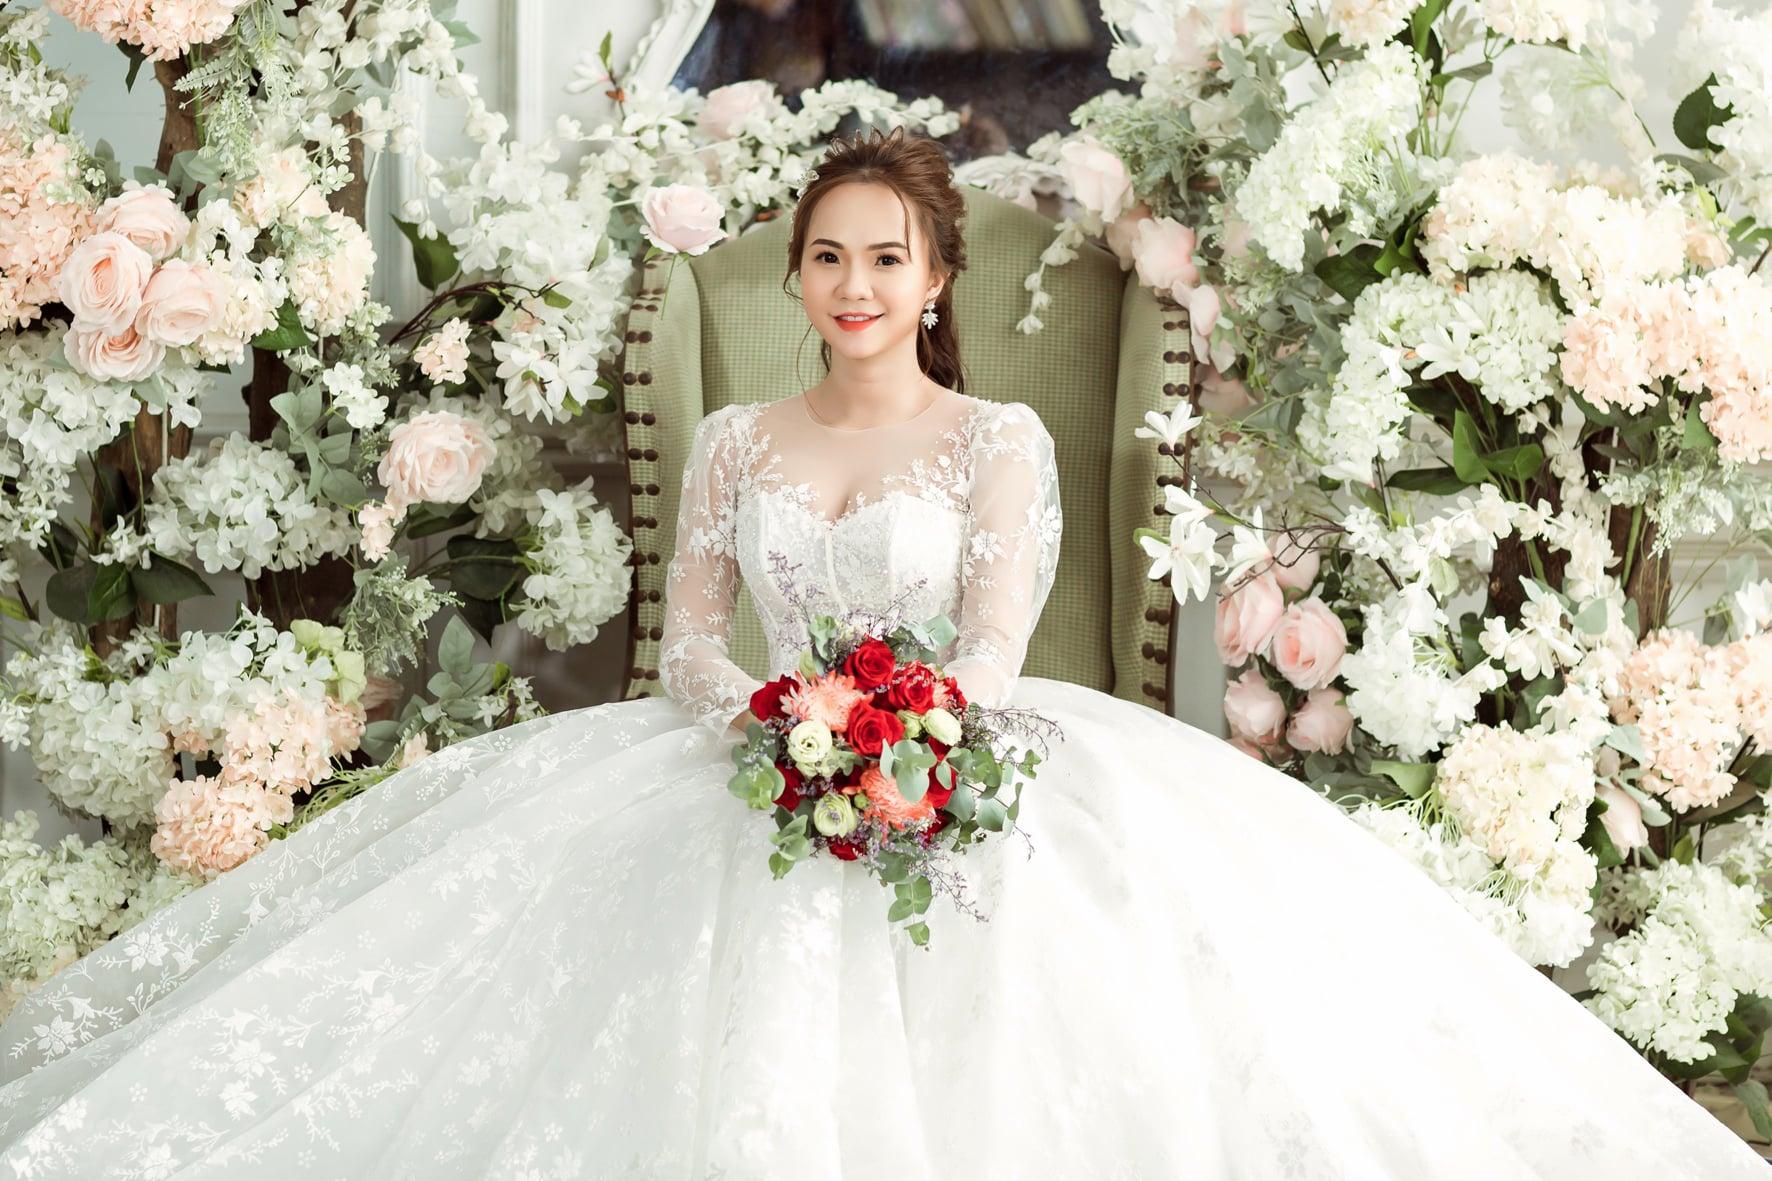 Chụp ảnh cưới Đẹp tại Bình Dương - Toàn Thanh Bridal